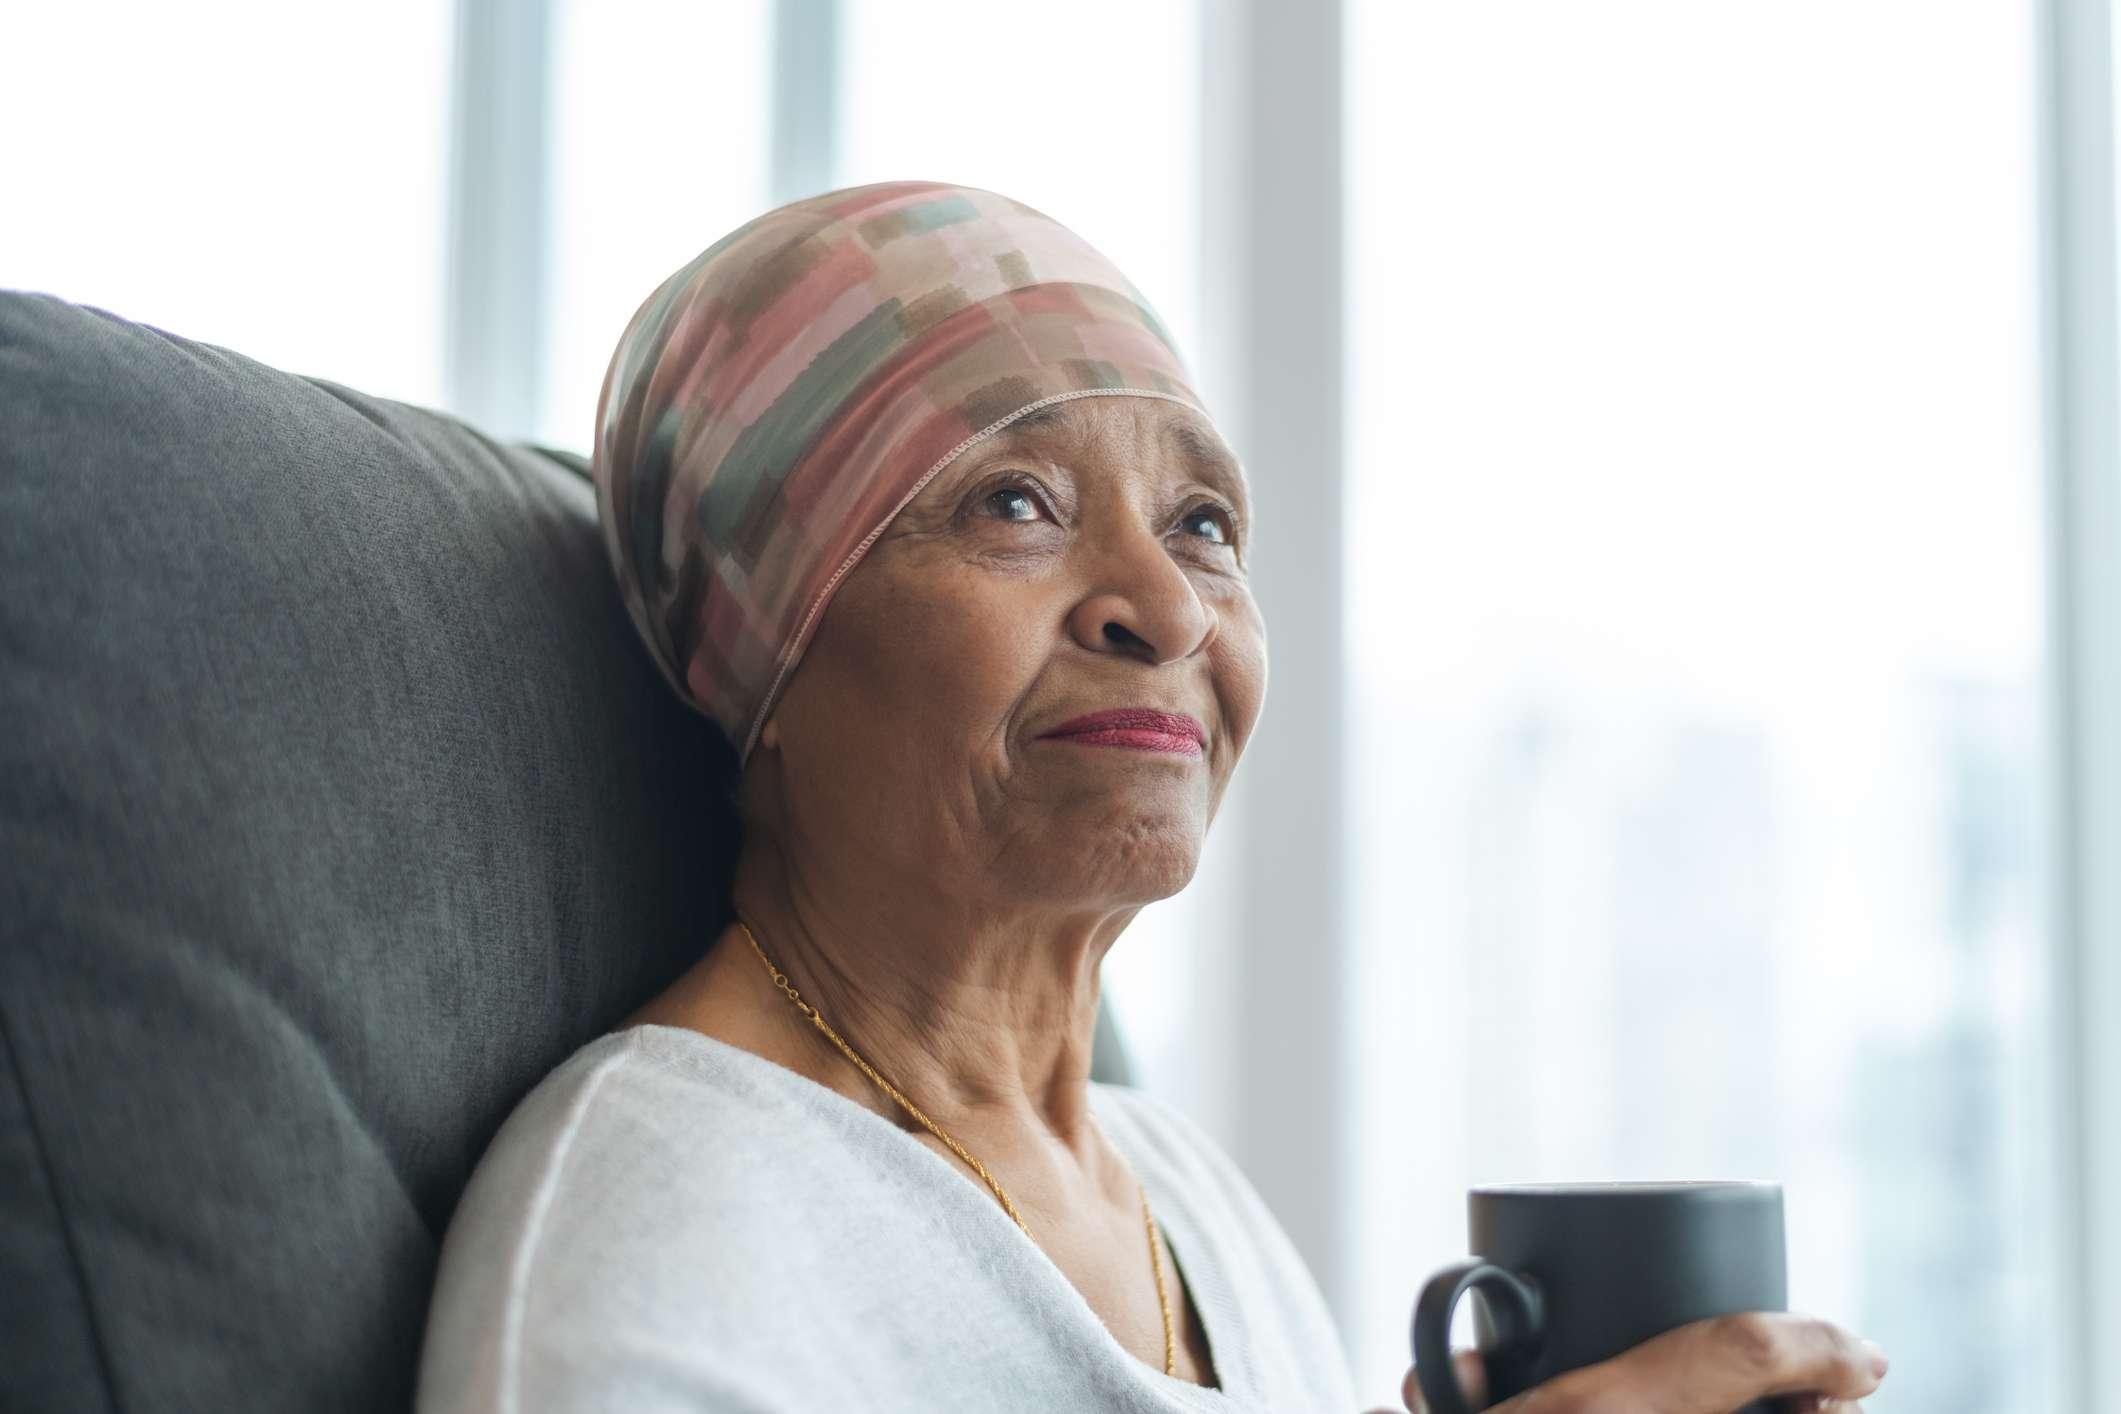 older female cancer patient holding a mug